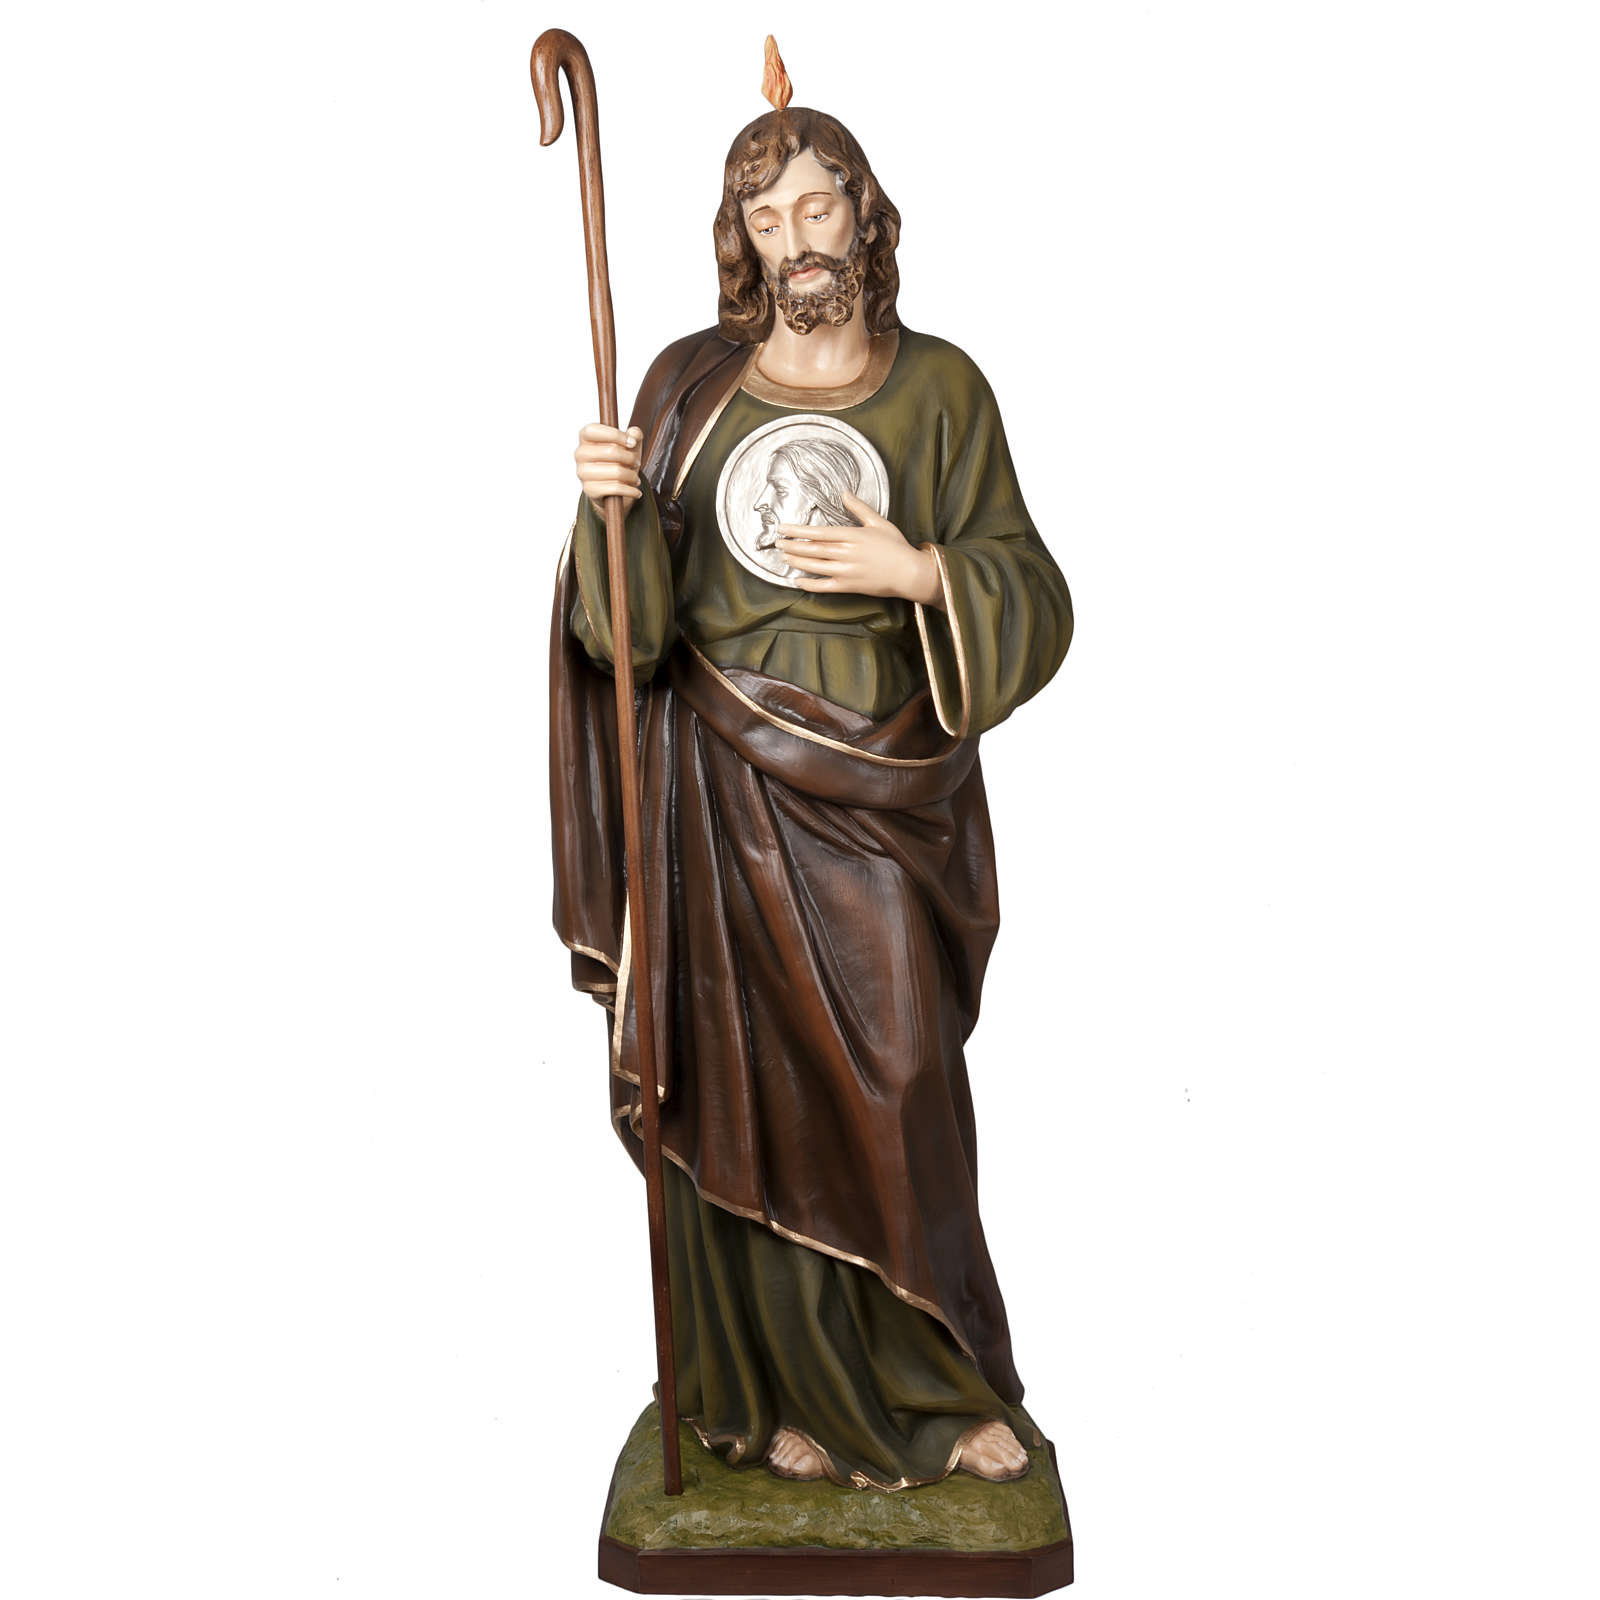 saint judas tadeo fiberglass statue 160 cm online sales on